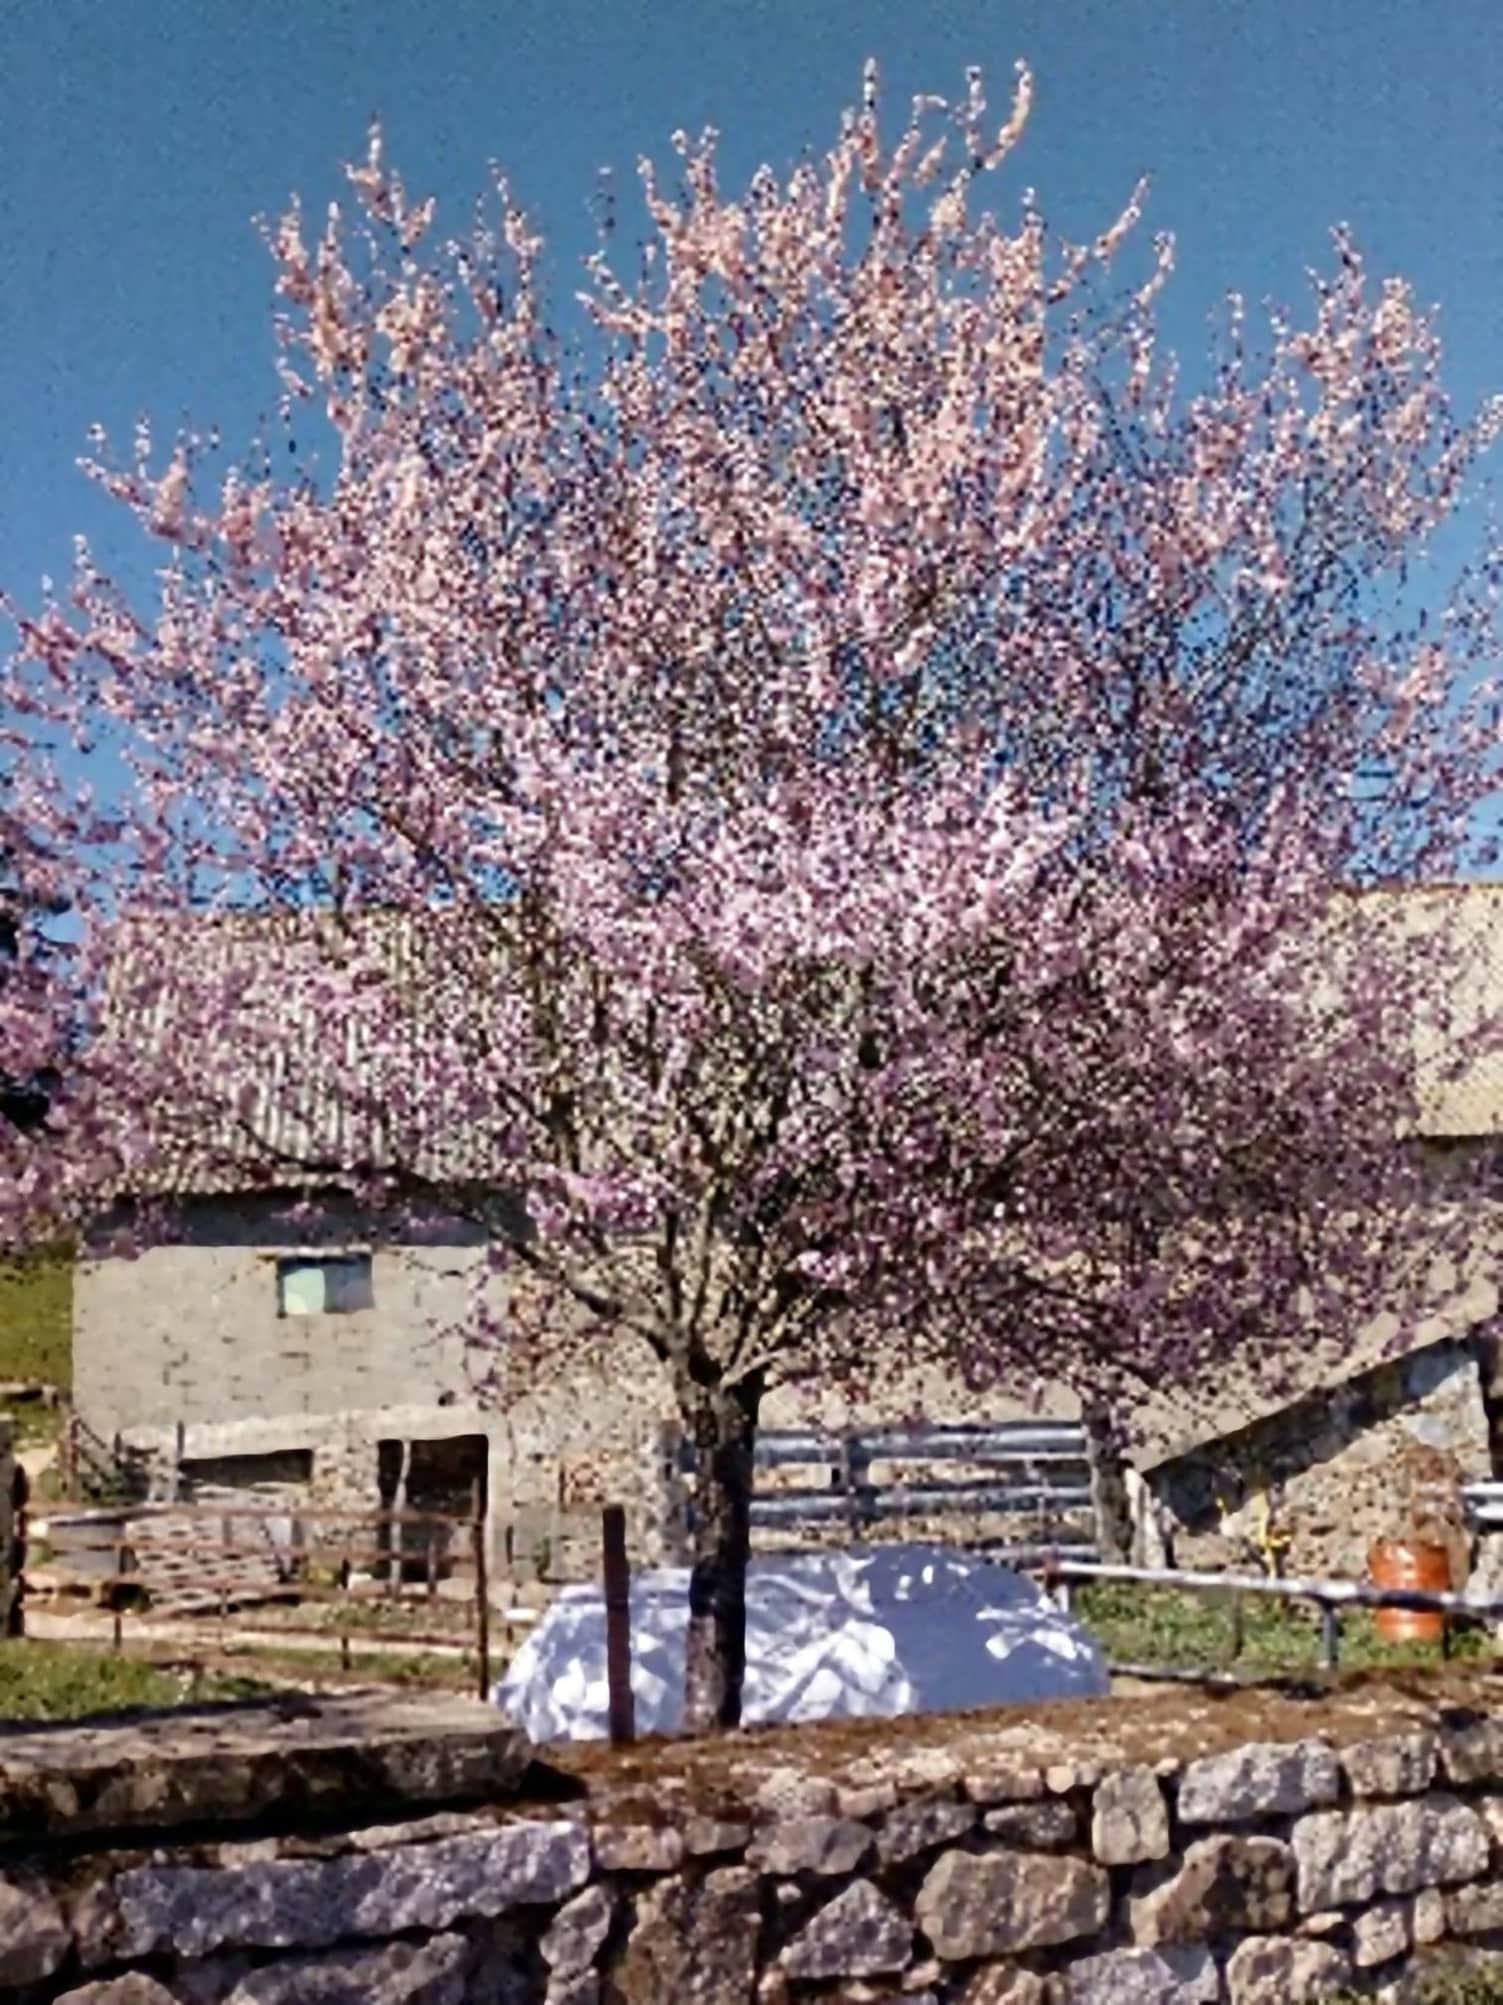 Le printemps s'installe, toujours rempli de promesses et c'est l'éveil de la terre.